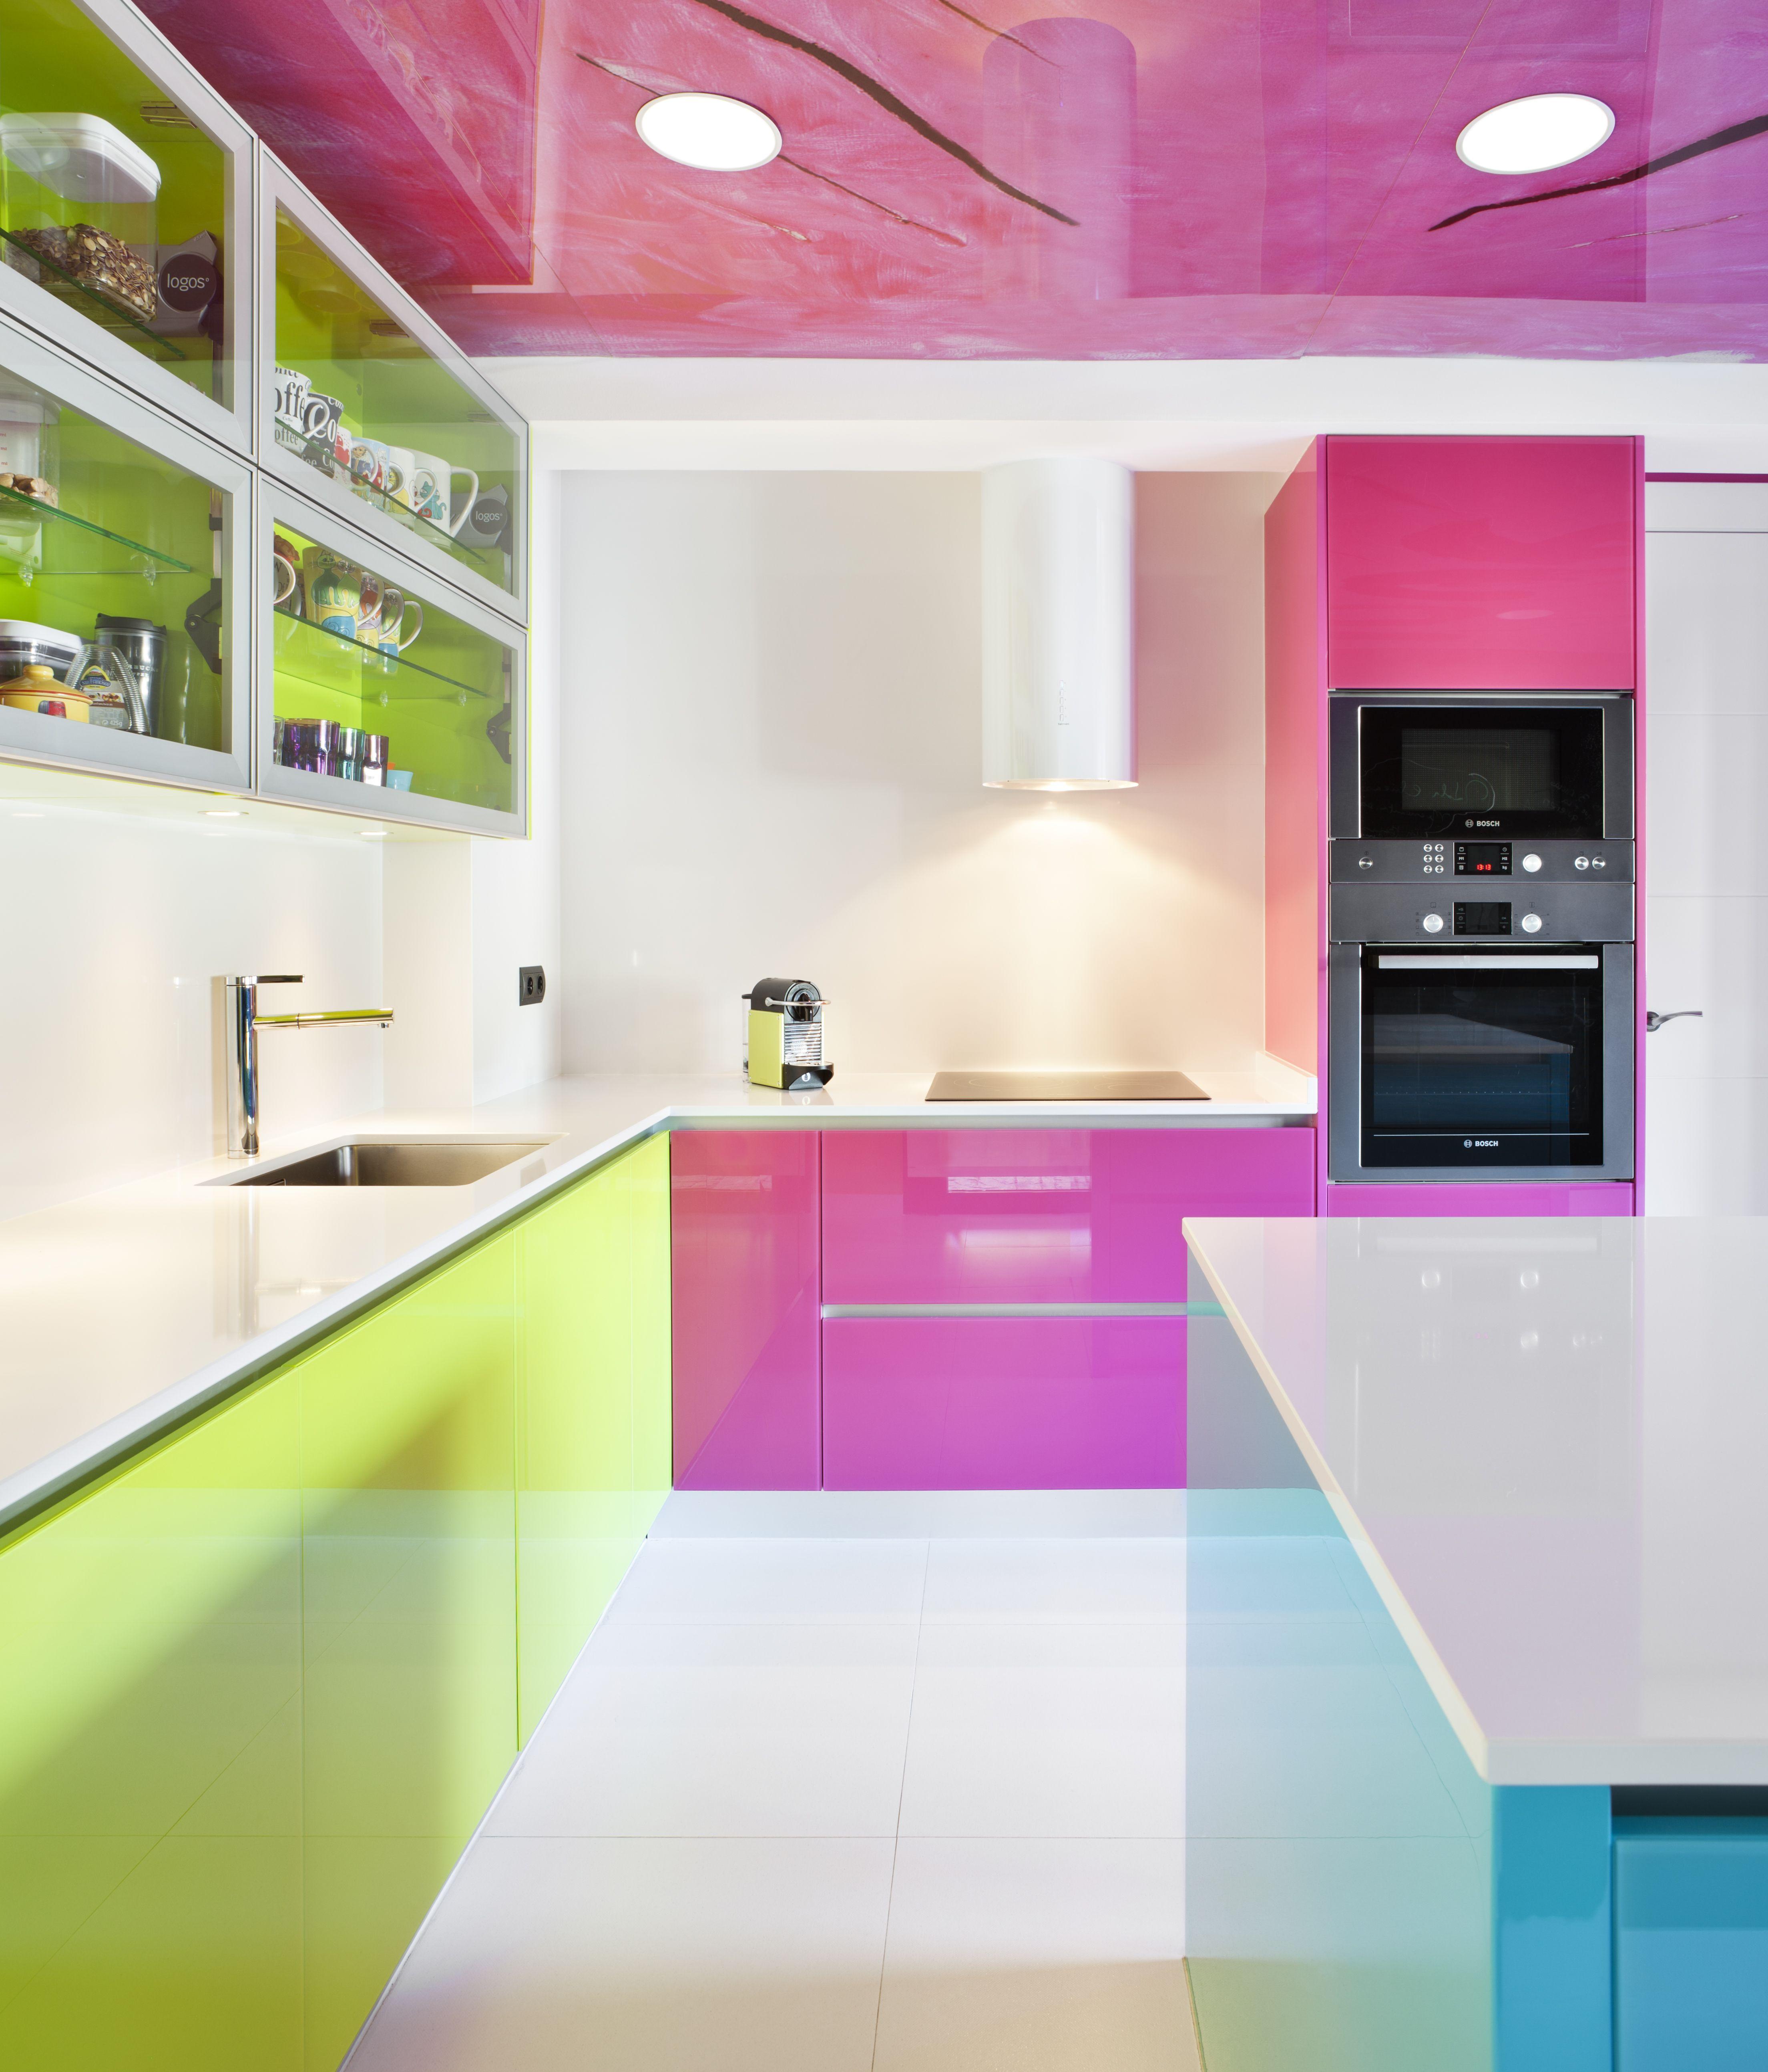 Moretti con logos el color en la cocina cristal lacado - Moretti cocinas ...